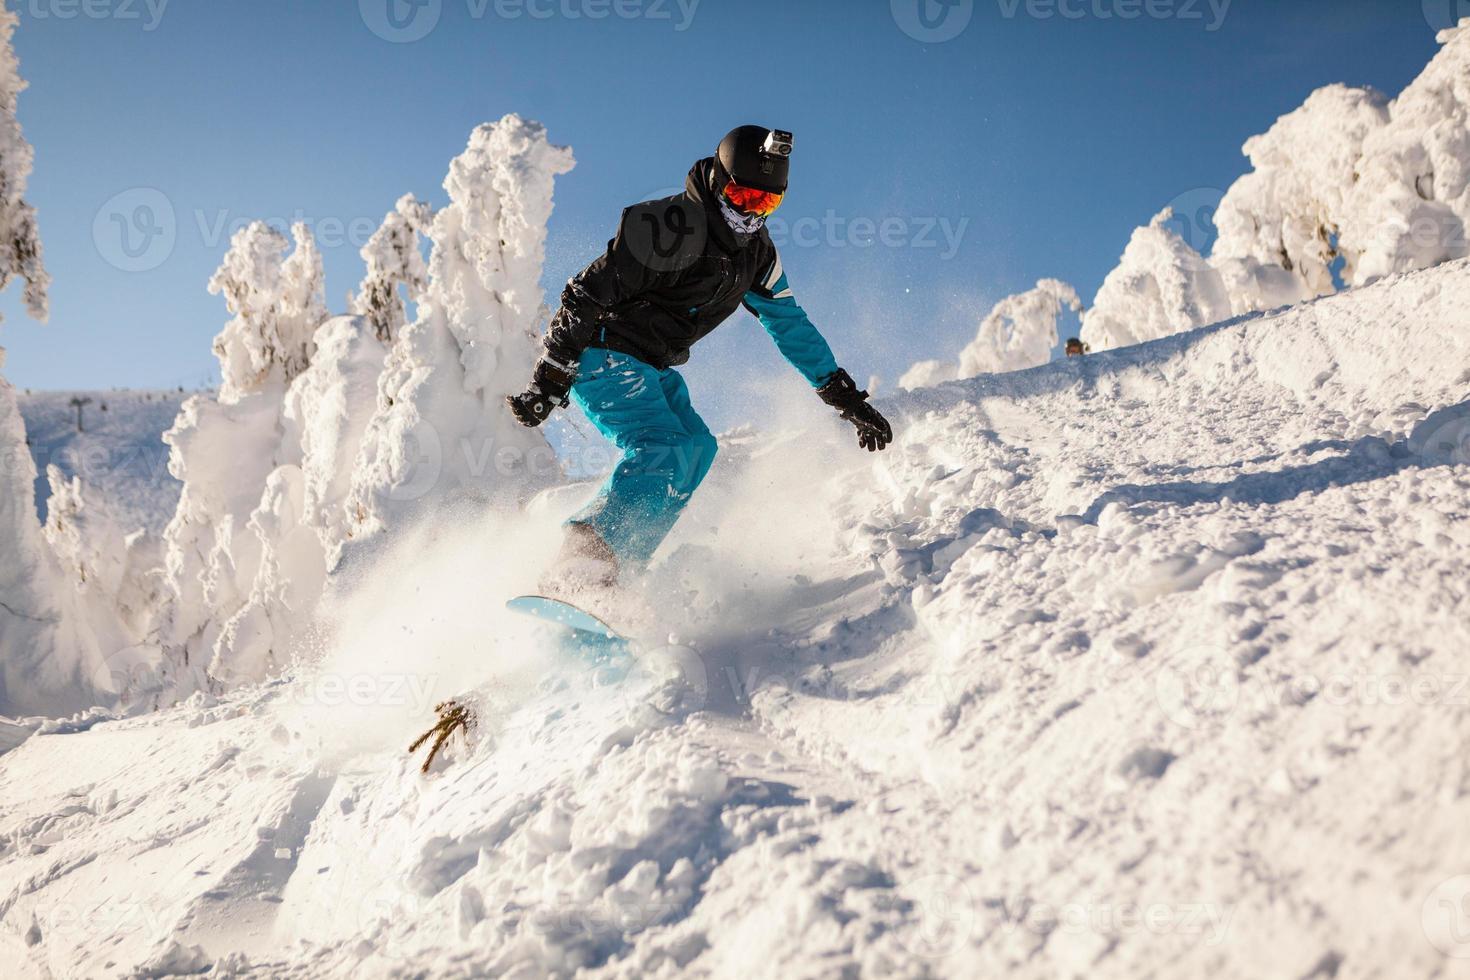 snowboarder en salto foto